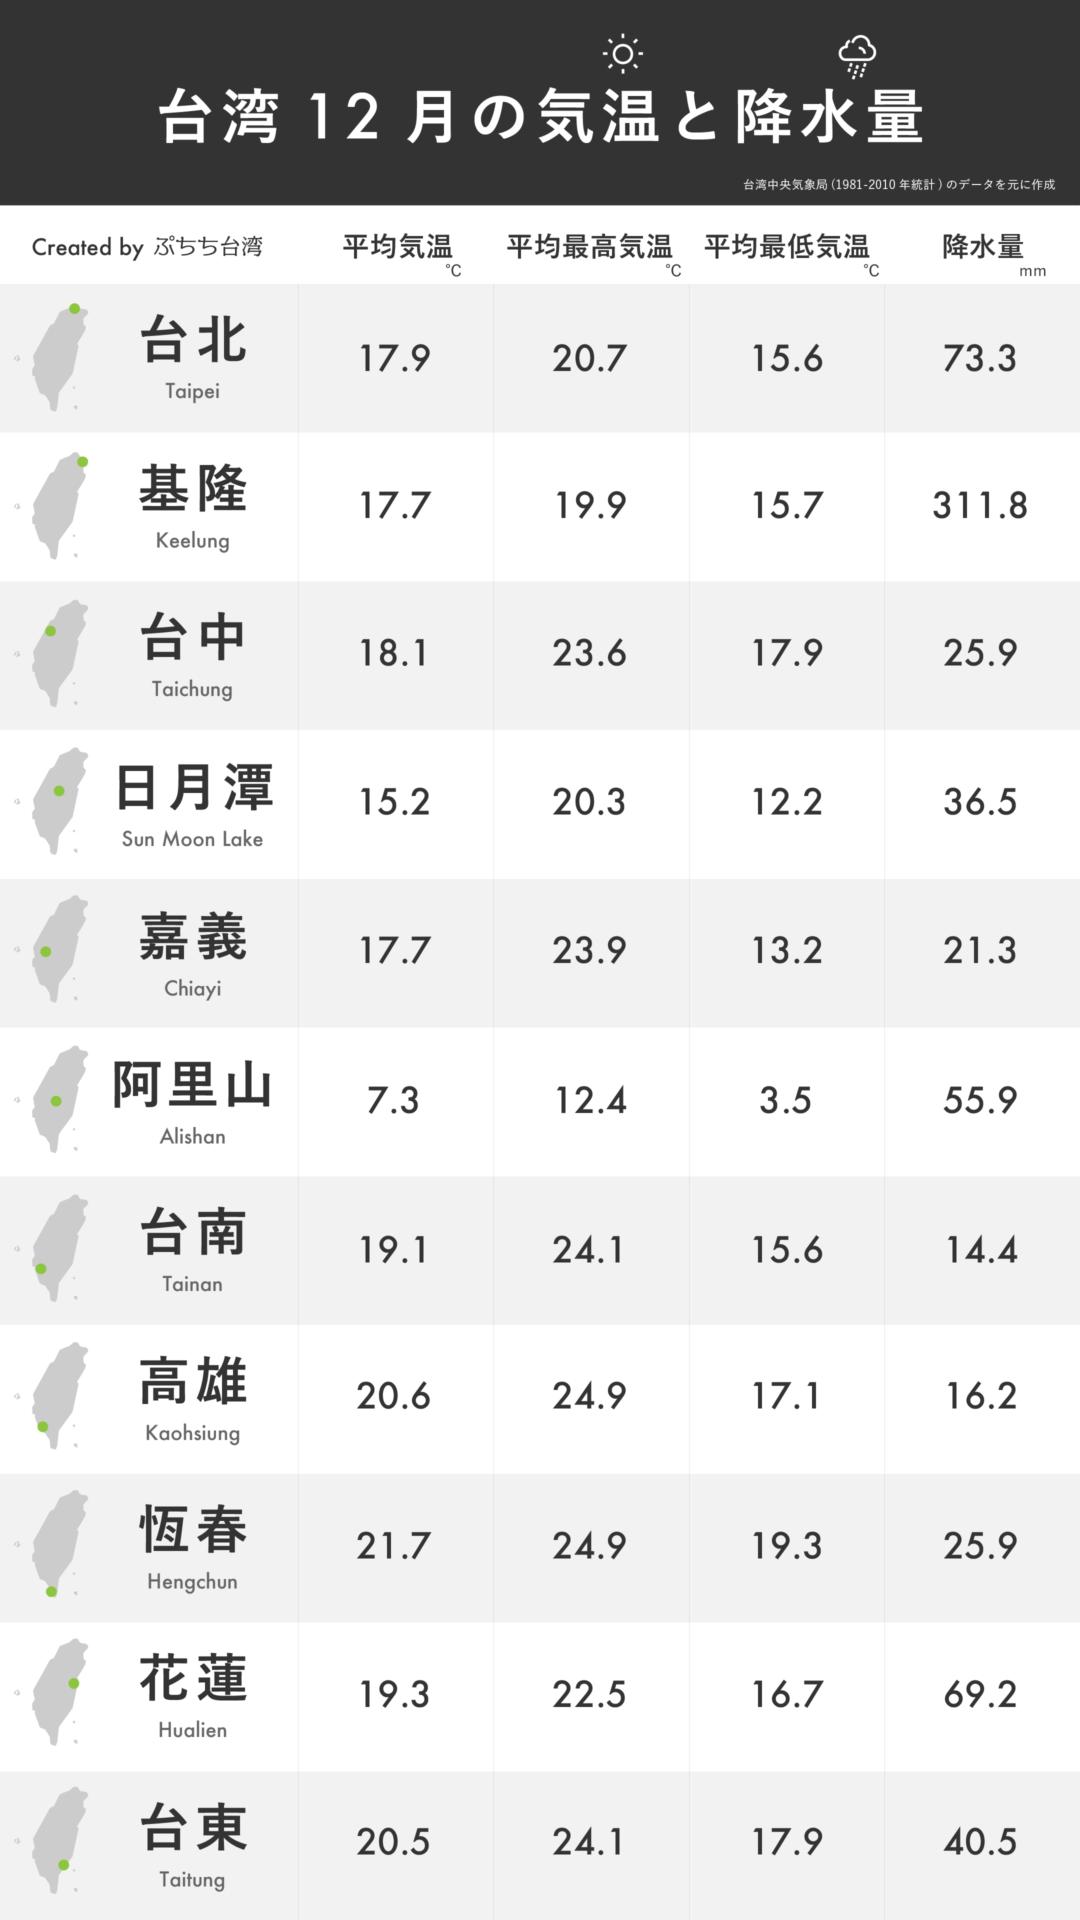 台湾12月の平均気温・平均最高気温・平均最低気温・降水量